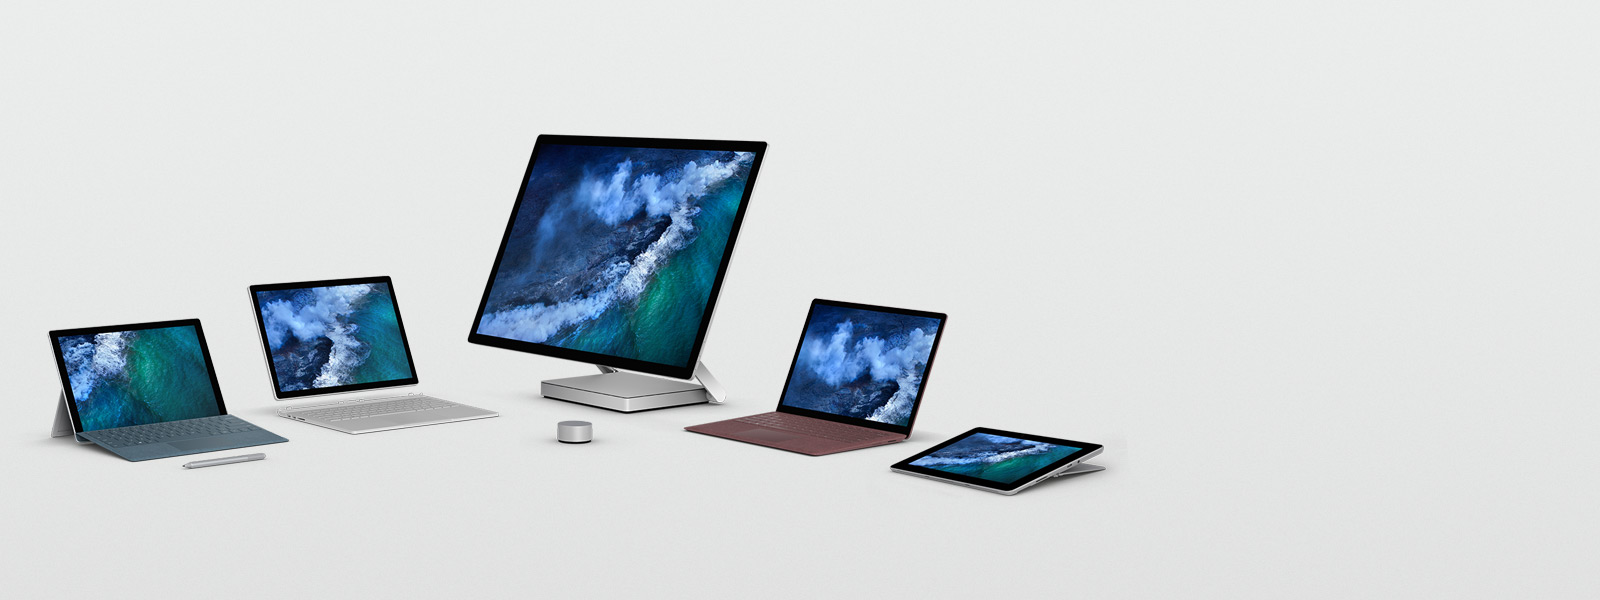 Surface 系列设备